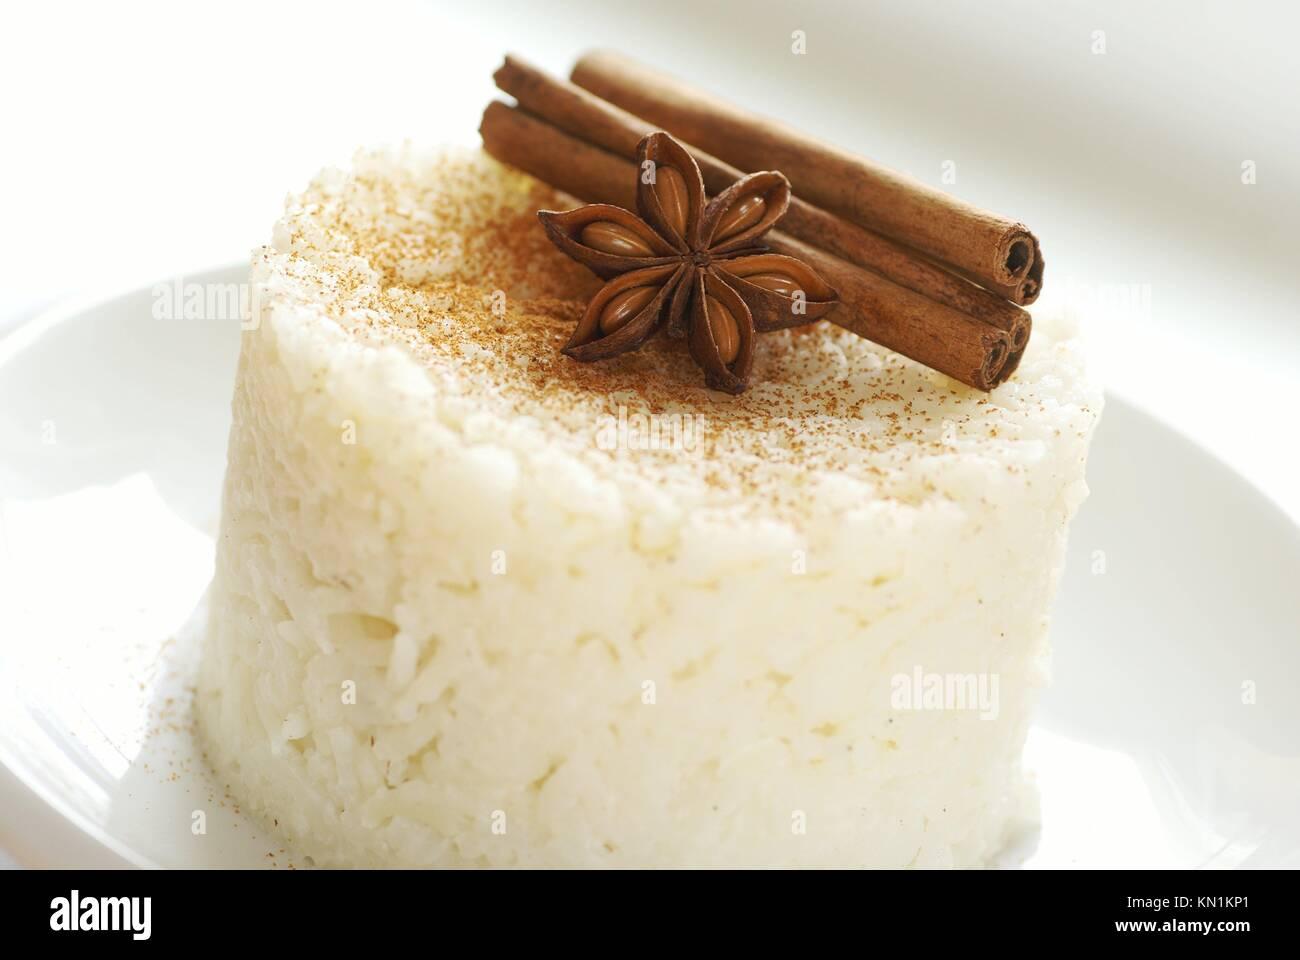 Dolci budino di riso con cannella sulla piastra bianca. Immagini Stock